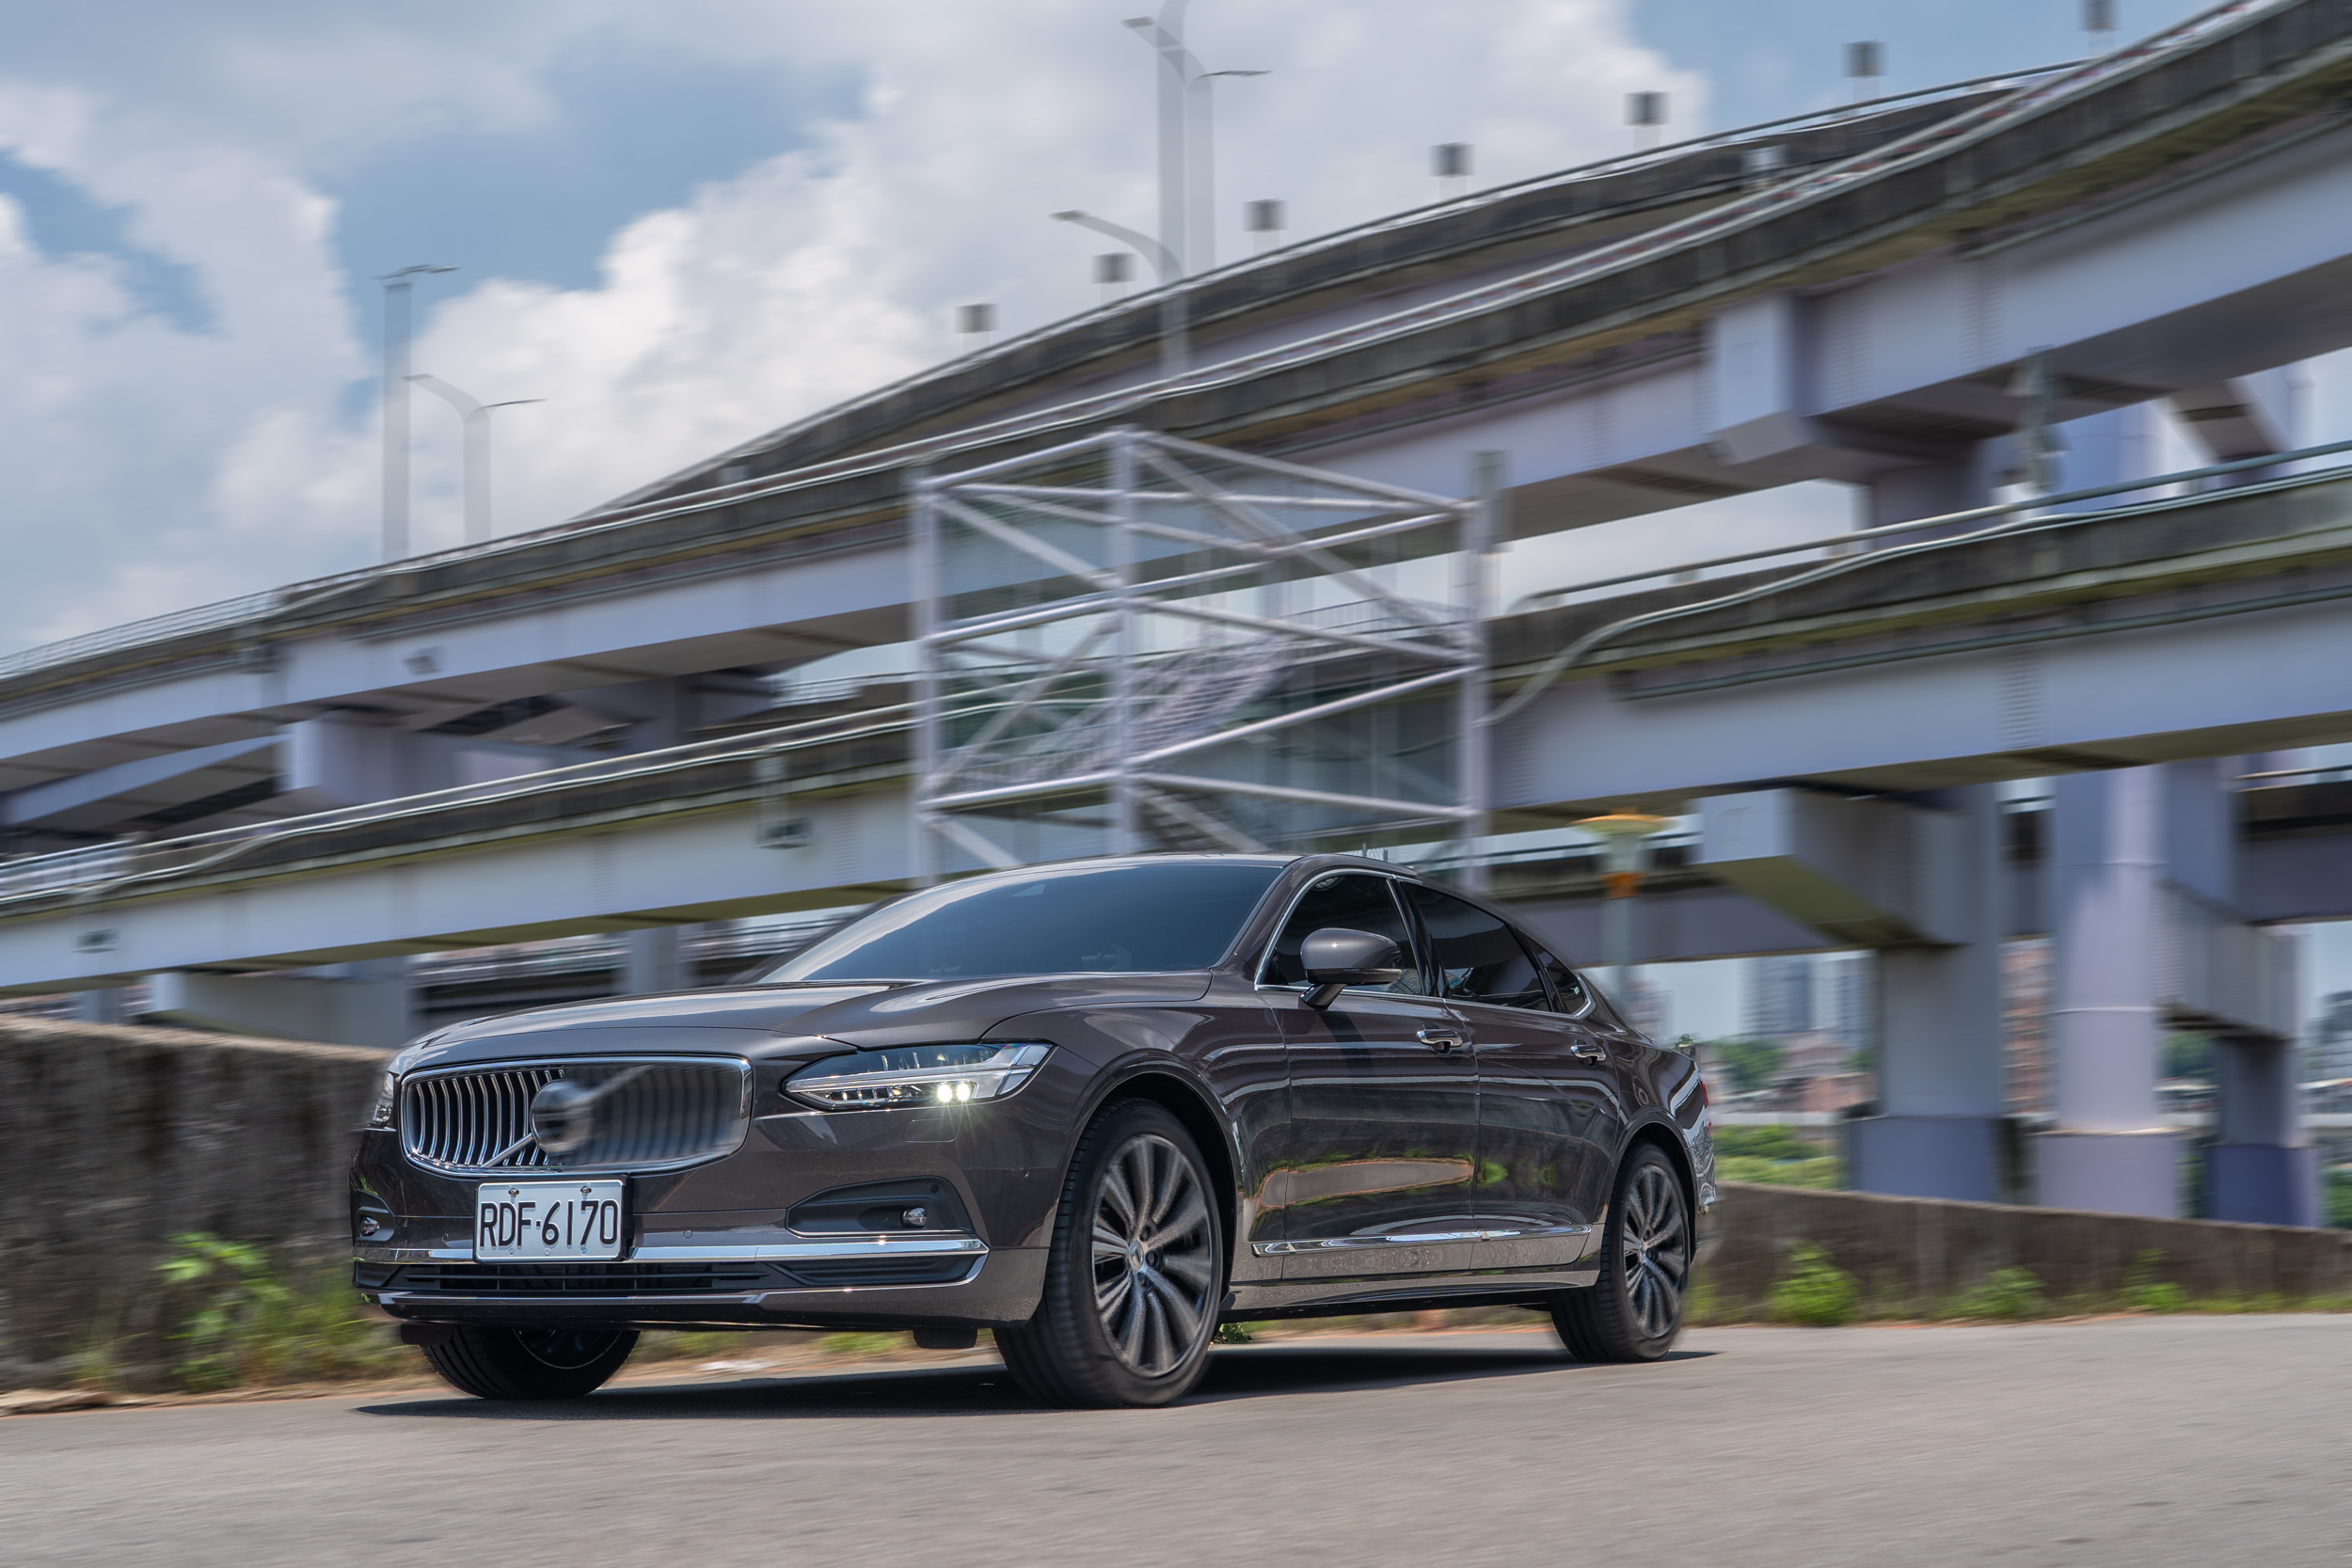 以此動力對應超過 1.8 噸重的車身,仍可湧現一定程度的加速力道。